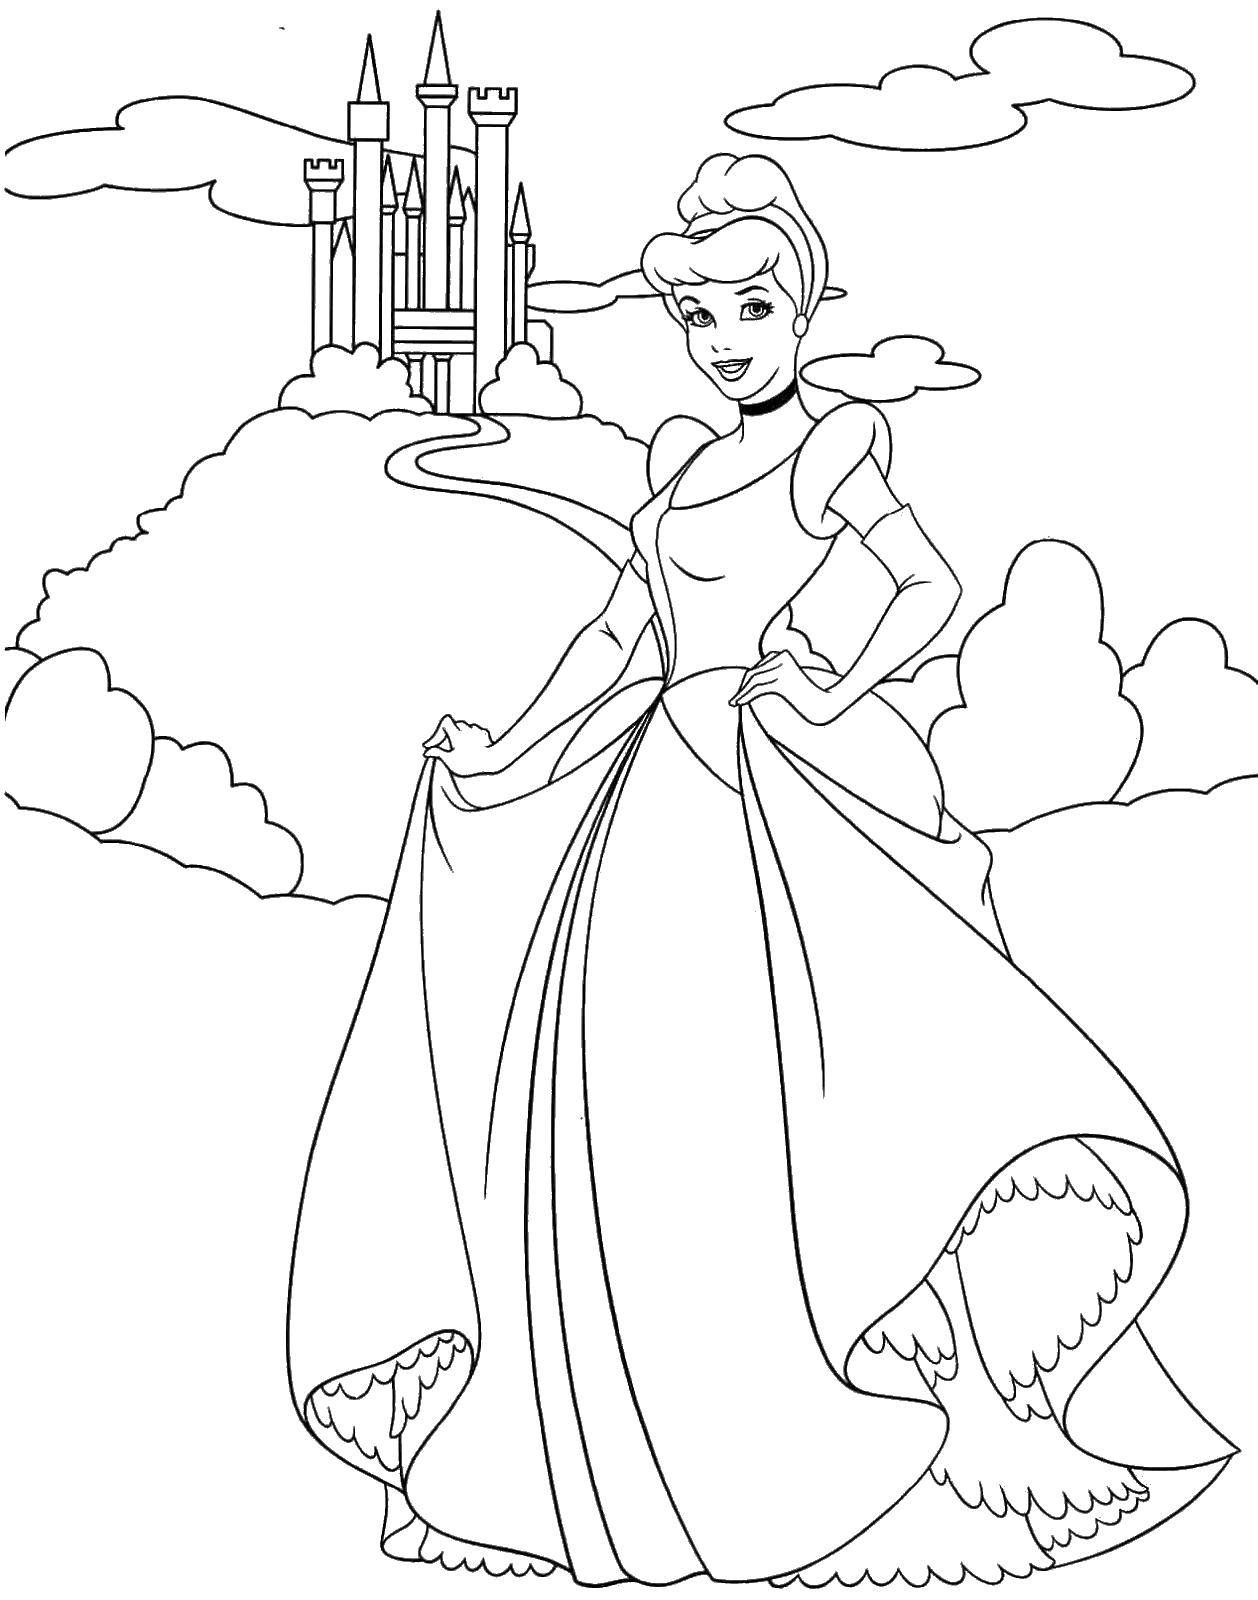 Раскраски принцессы, Раскраска Принцессы диснея Принцессы.